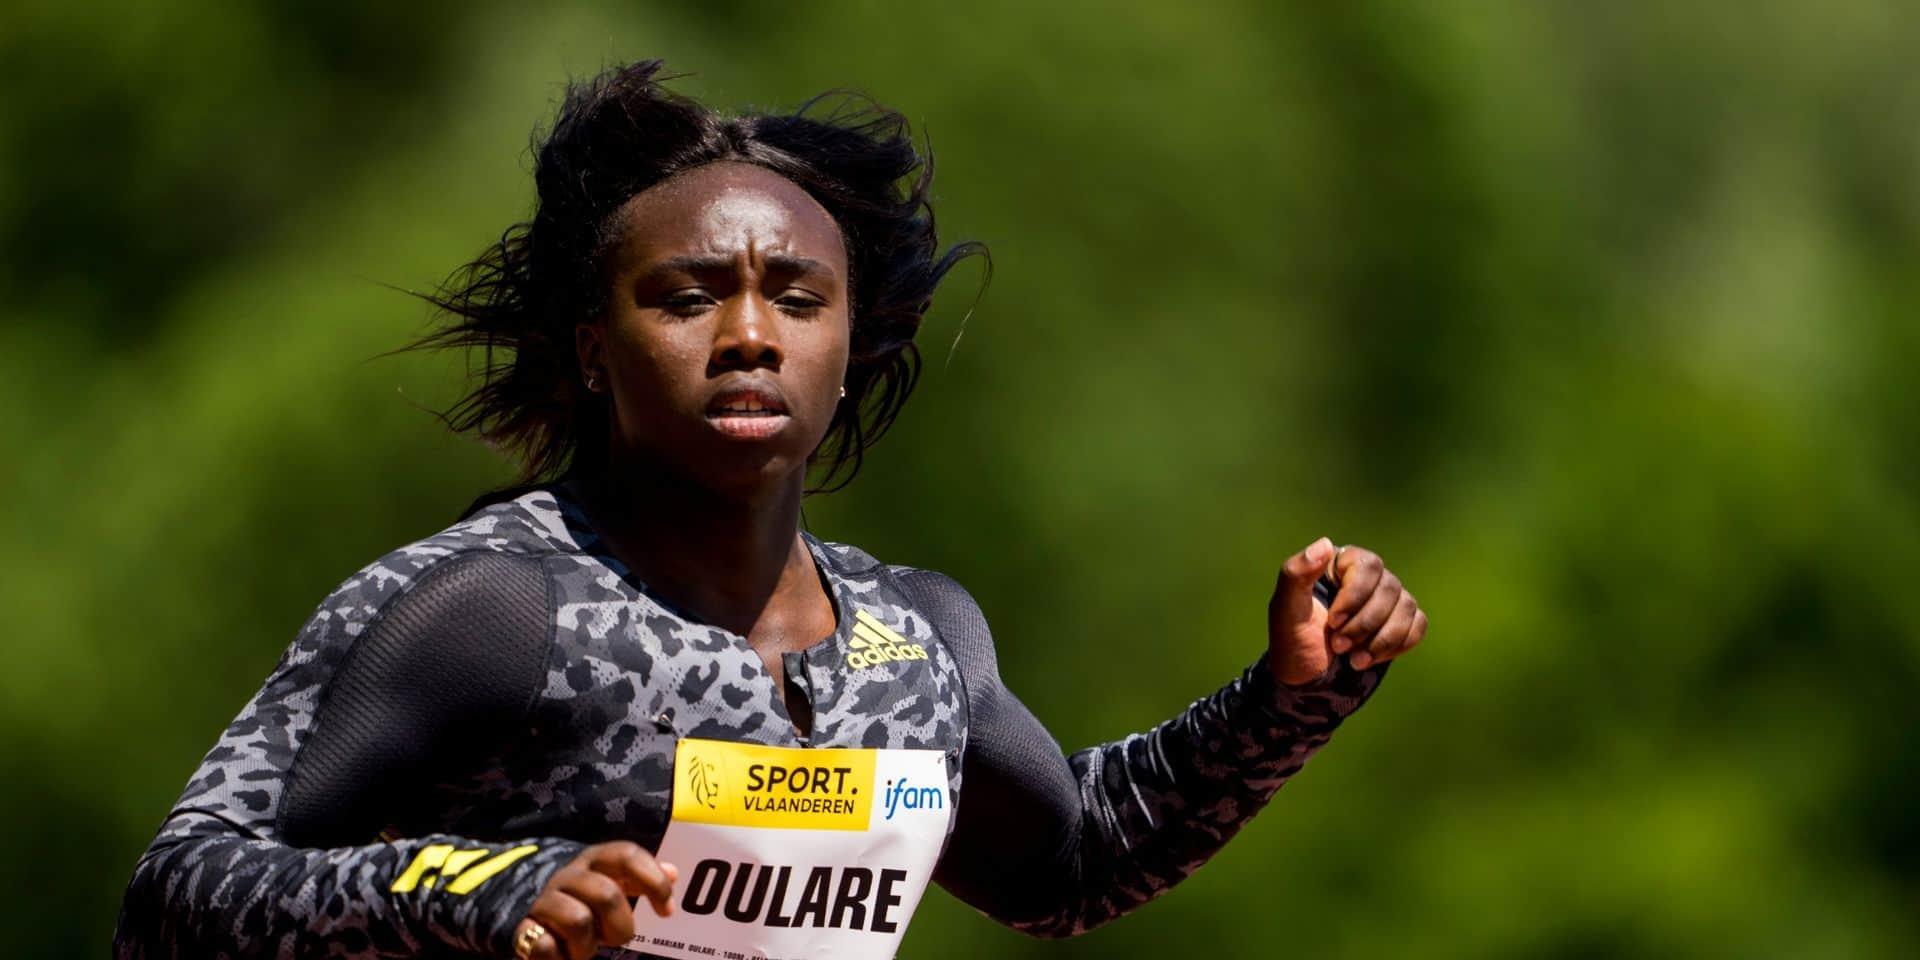 Athlétisme: deux nouveaux records pour Mariam Oulare